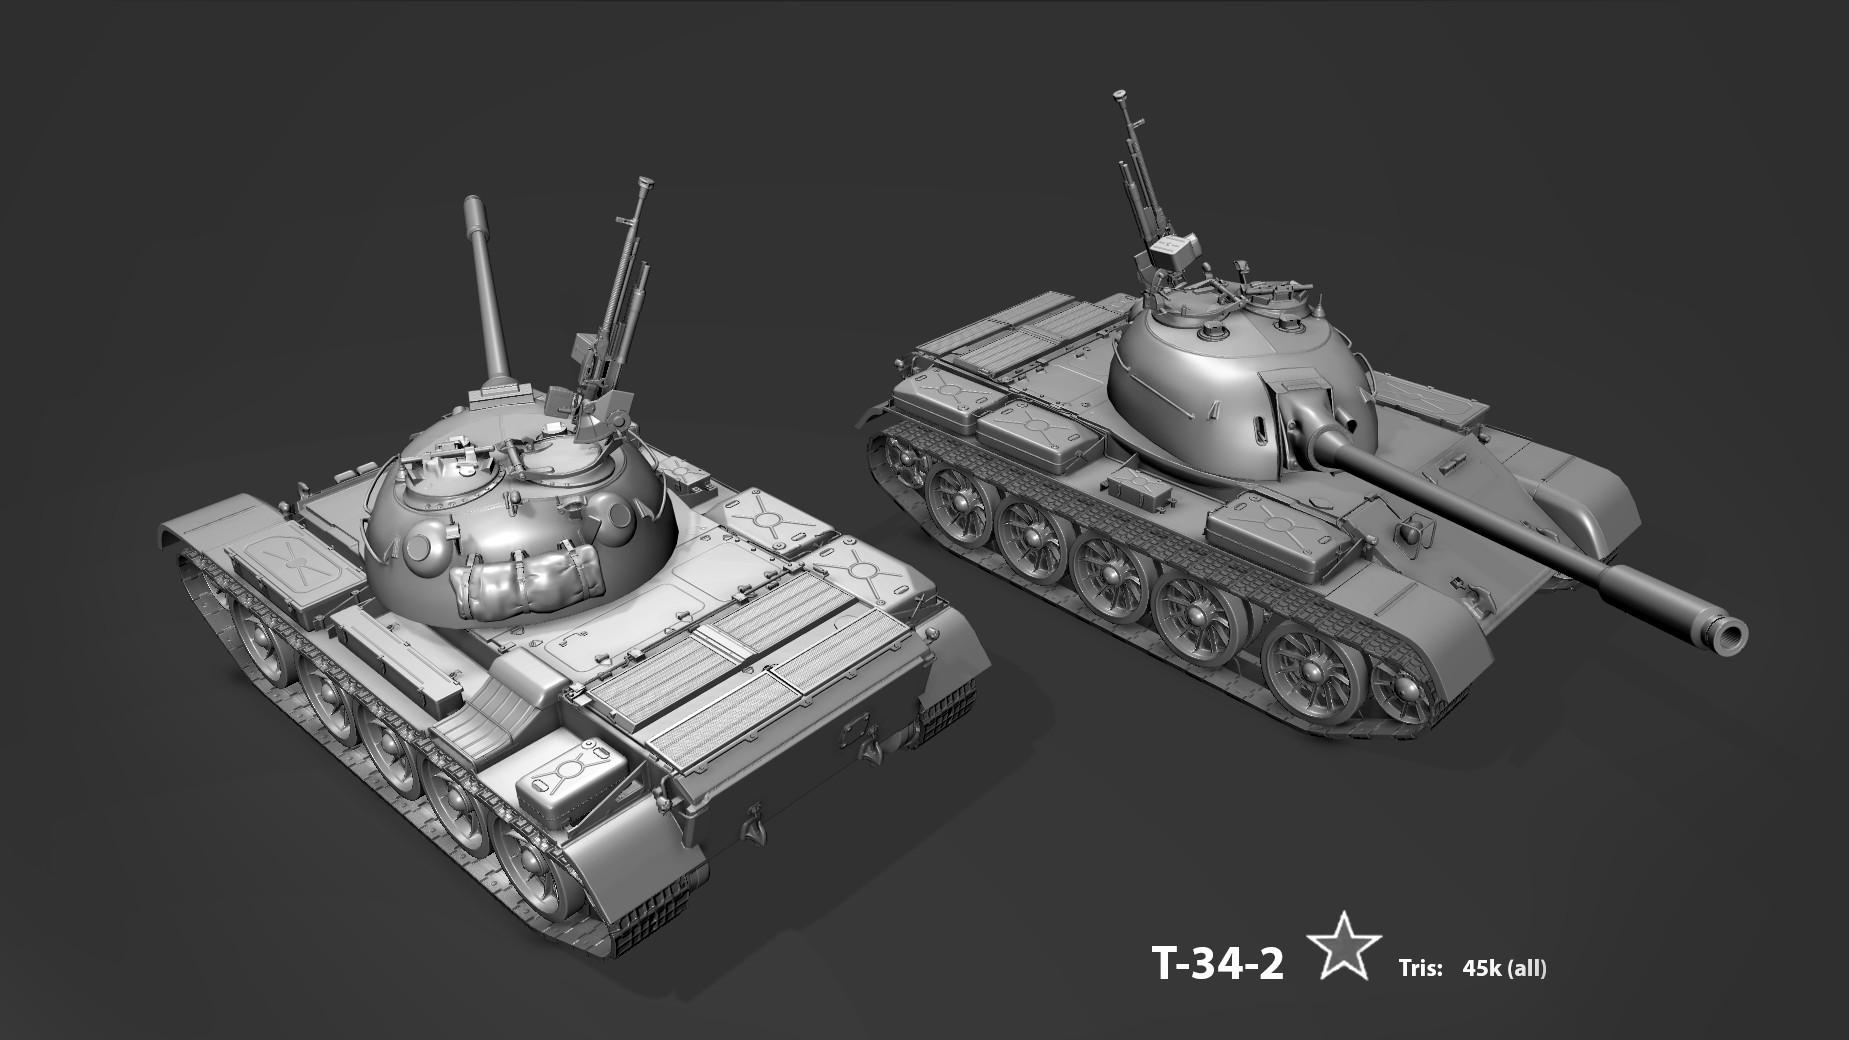 Pavel timofeev t32 2